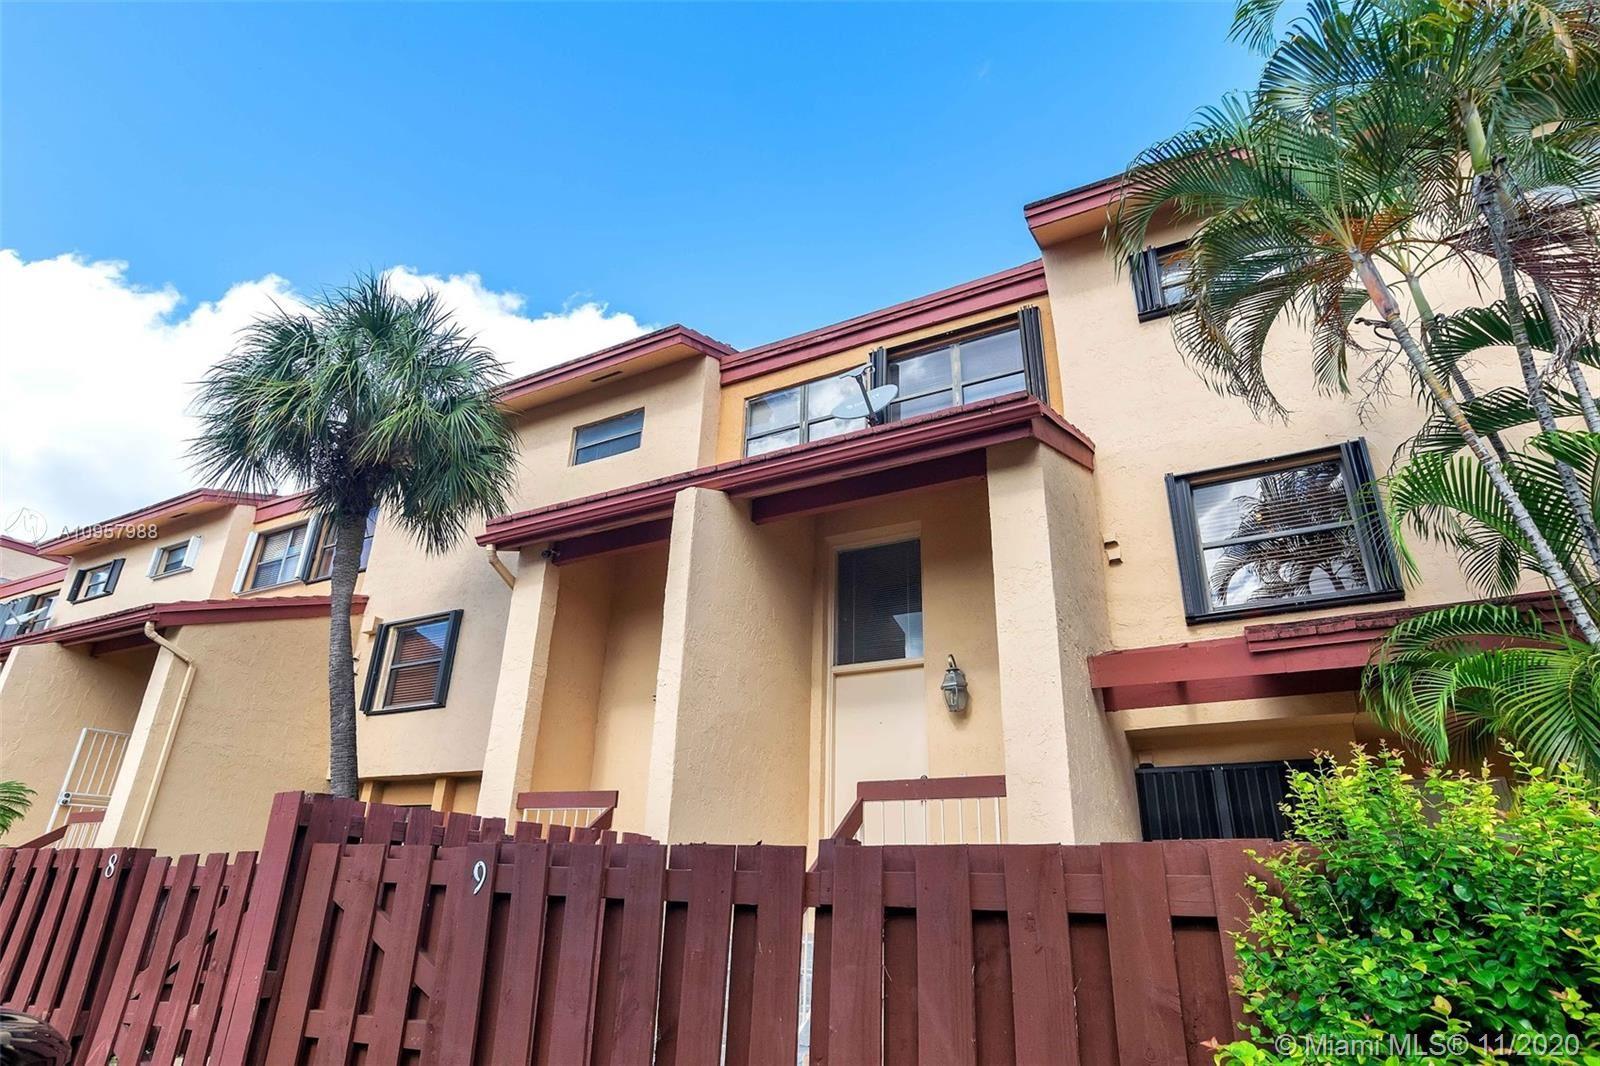 371 W Park Dr #9, Miami, FL 33172 - #: A10957988